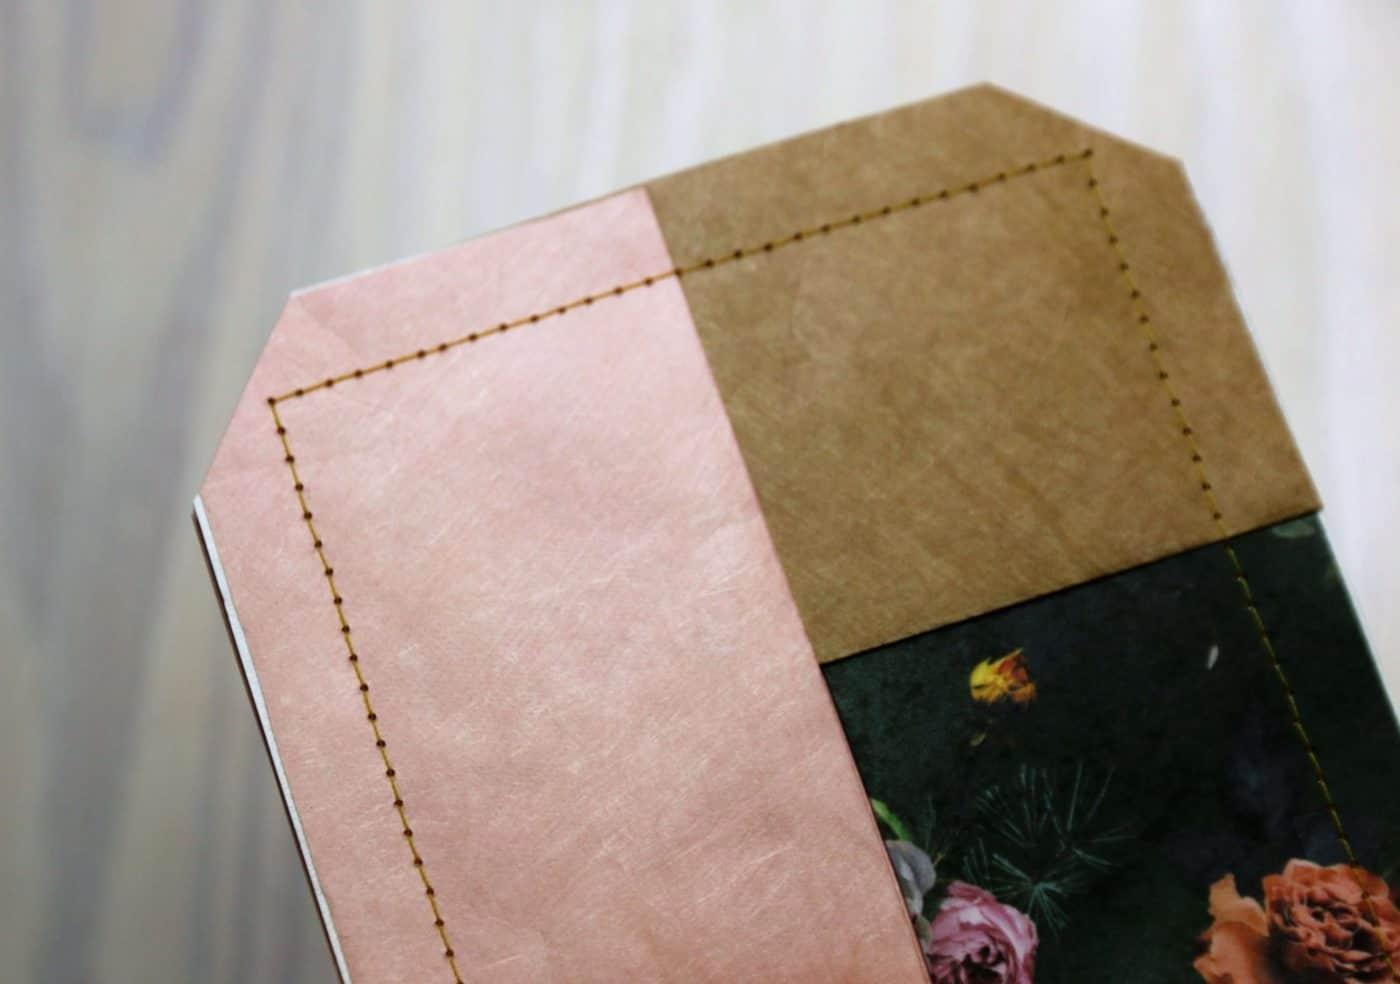 Taschentüchertasche aus Tyvek nähen